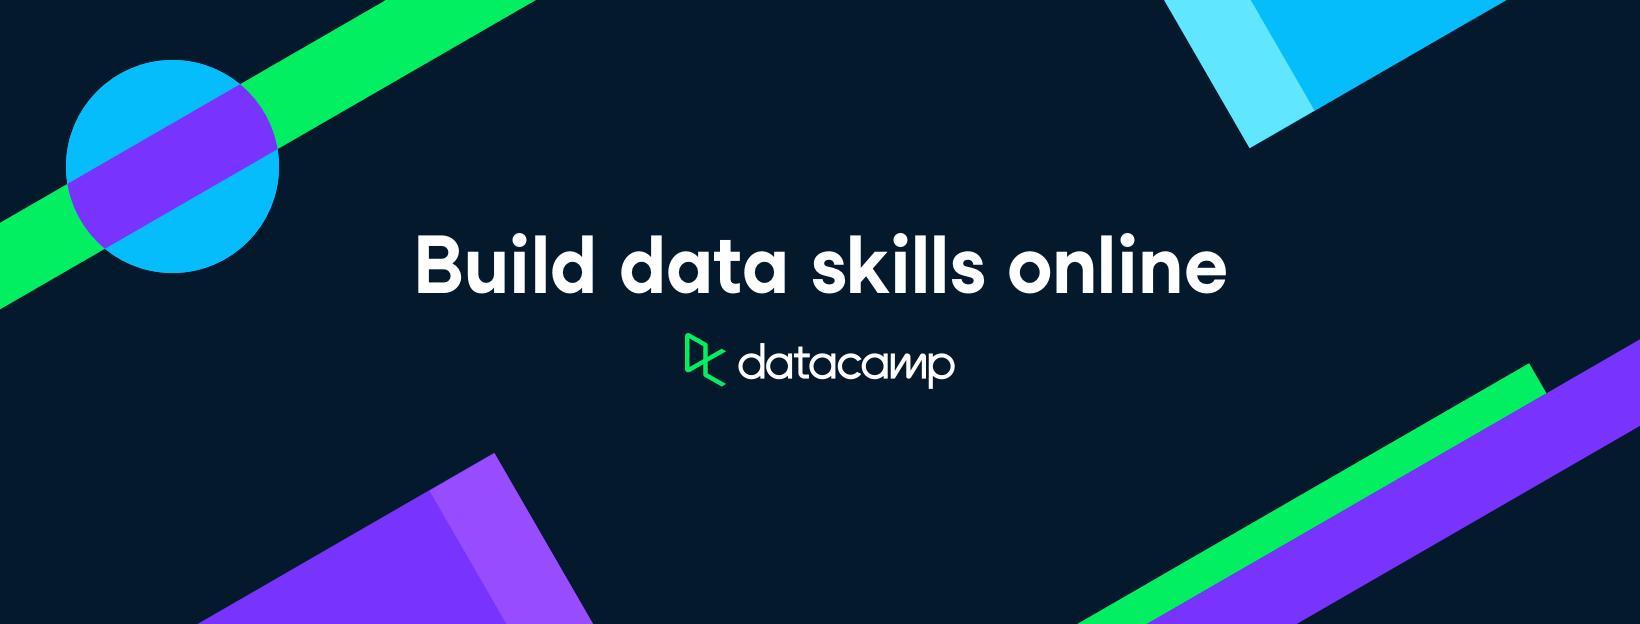 About DataCamp